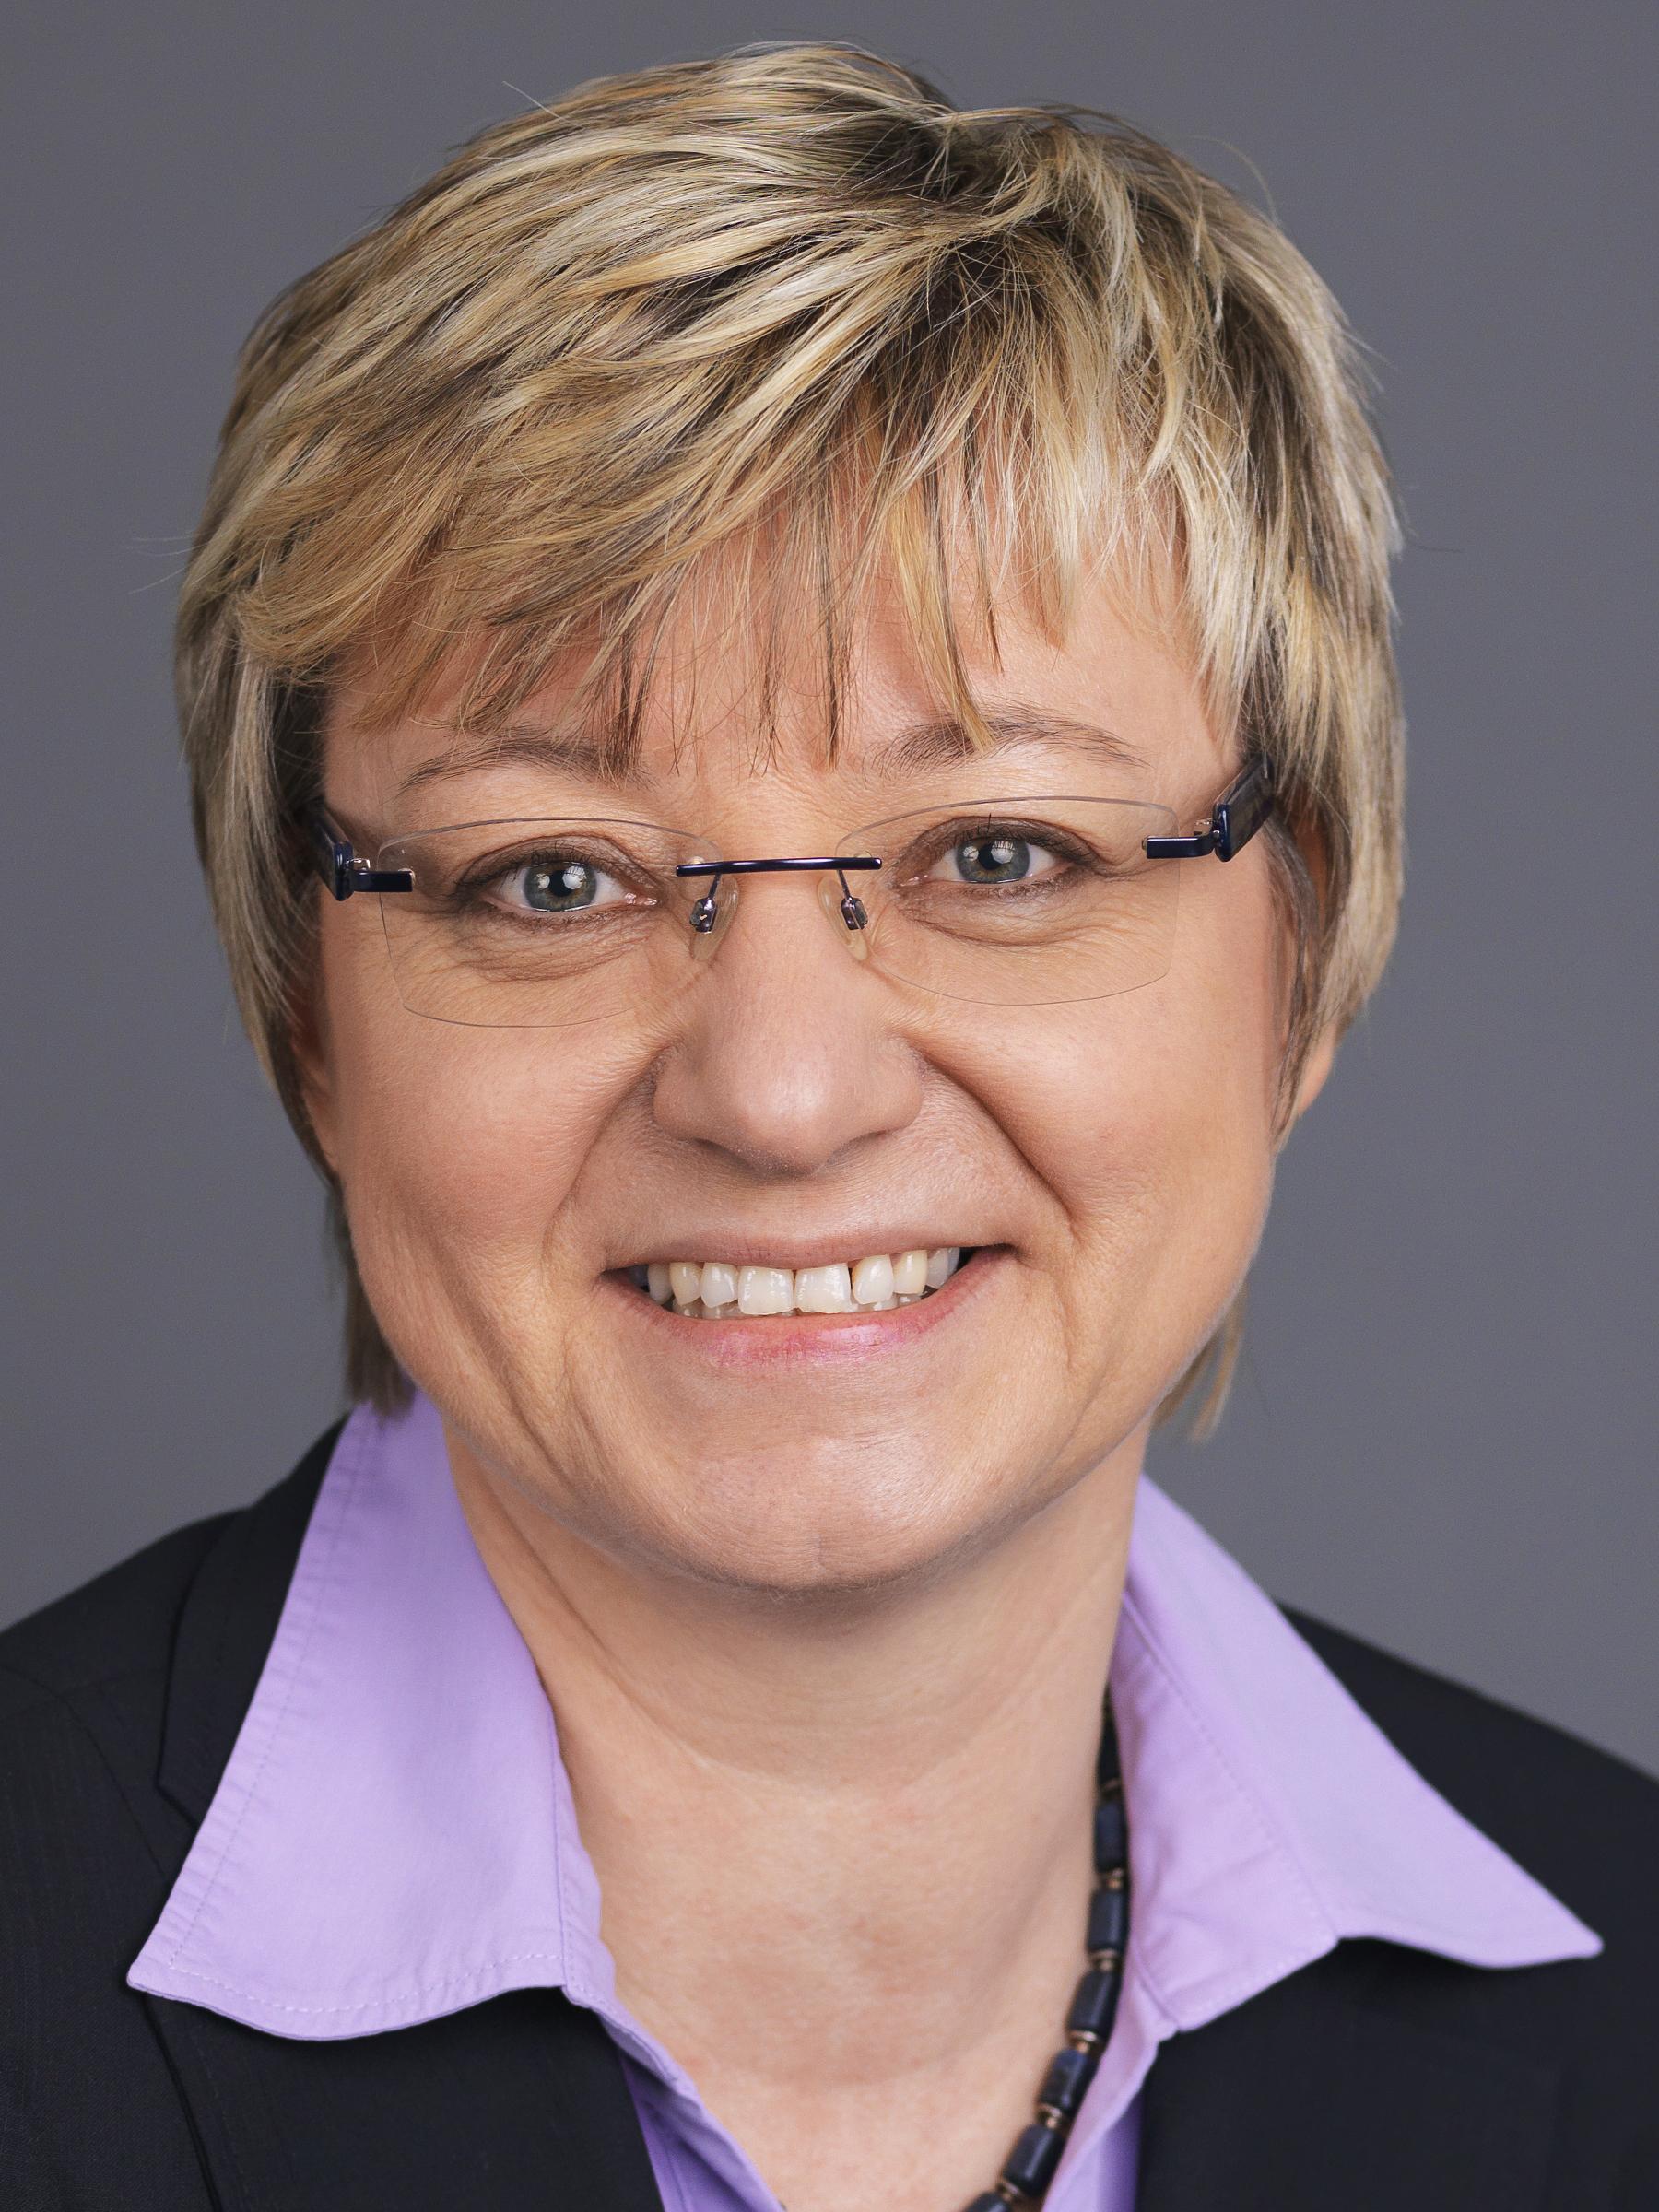 Hat's auch nicht leicht: Frauke Heiligenstadt (SPD). Foto: SPD-Fraktion im Niedersächsischen Landtag